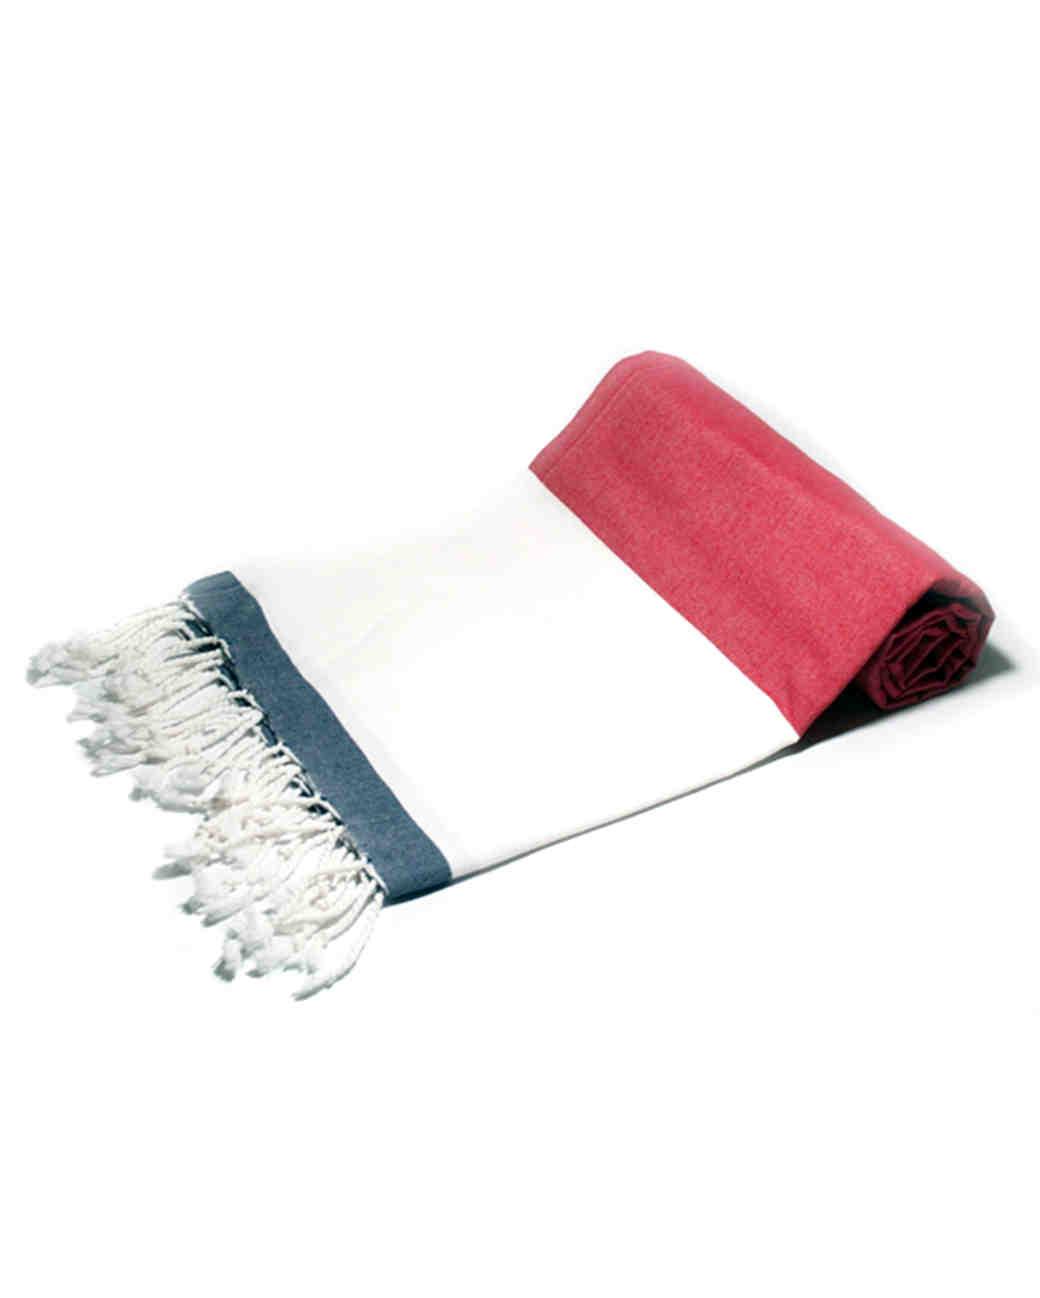 july-fourth-summer-registry-picks-blueprint-towel-0615.jpg